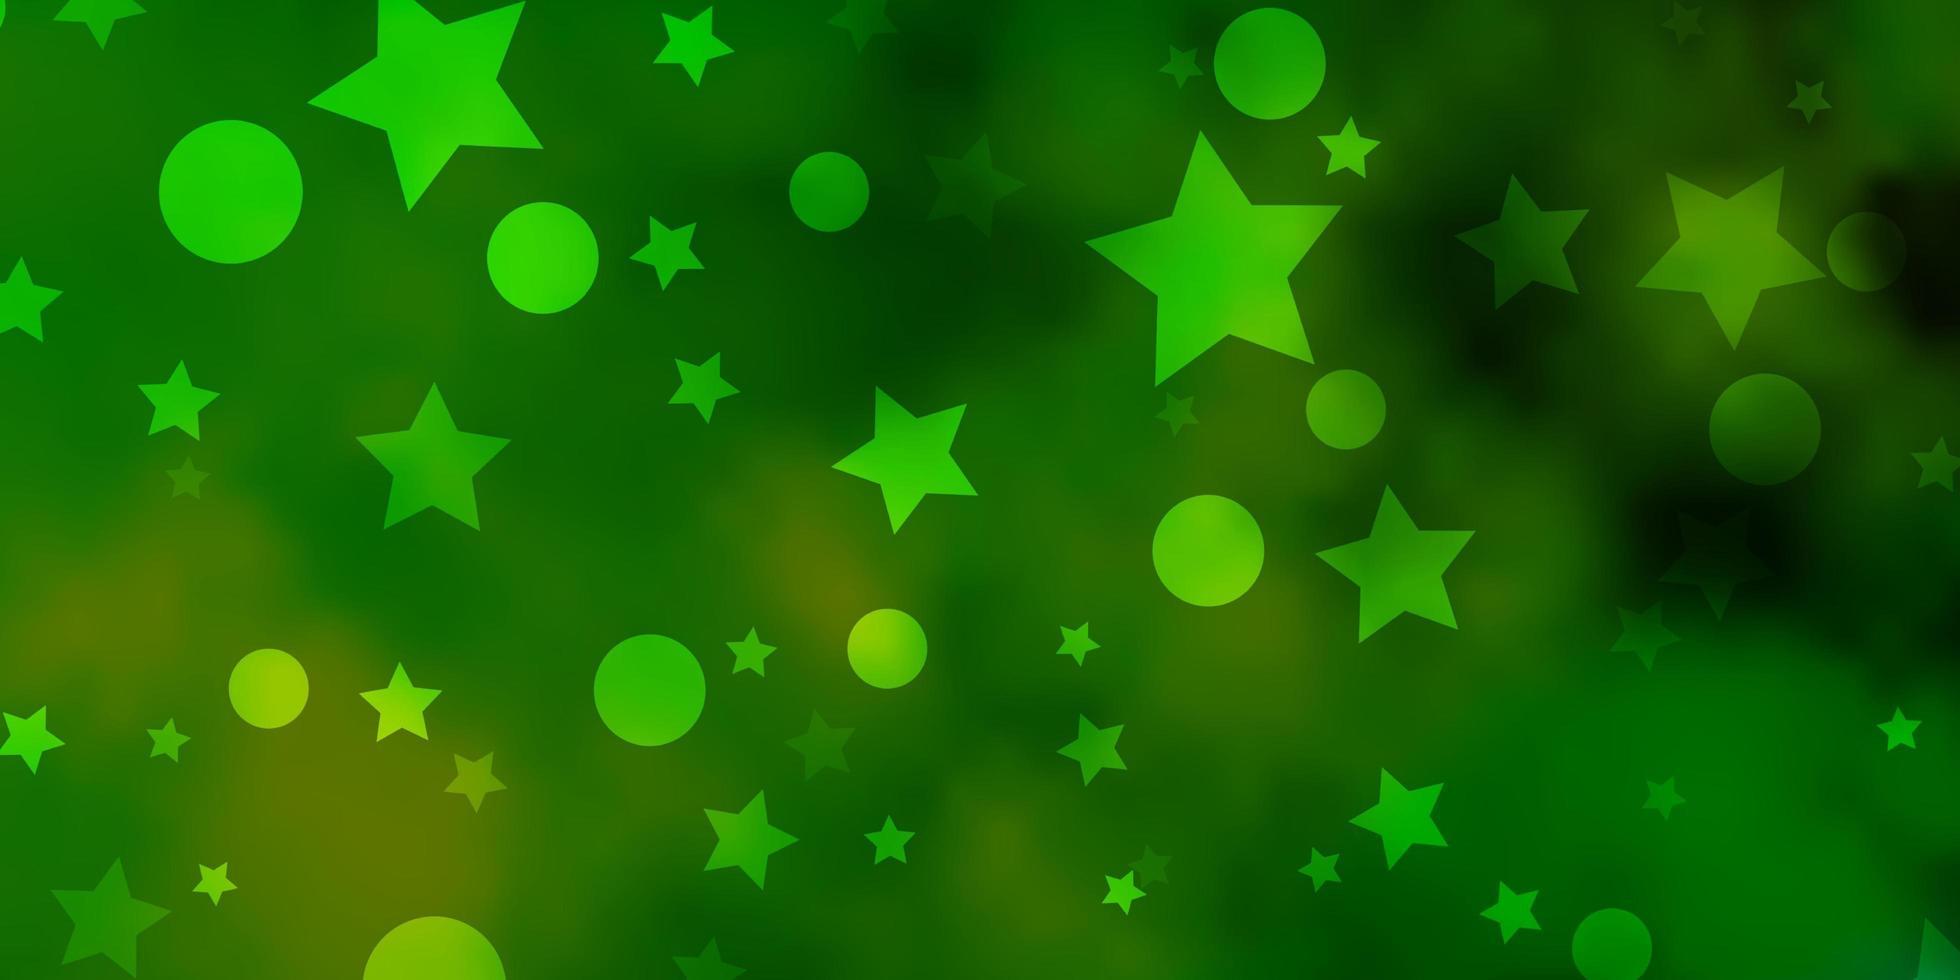 lichtgroene, gele achtergrond met cirkels, sterren. vector